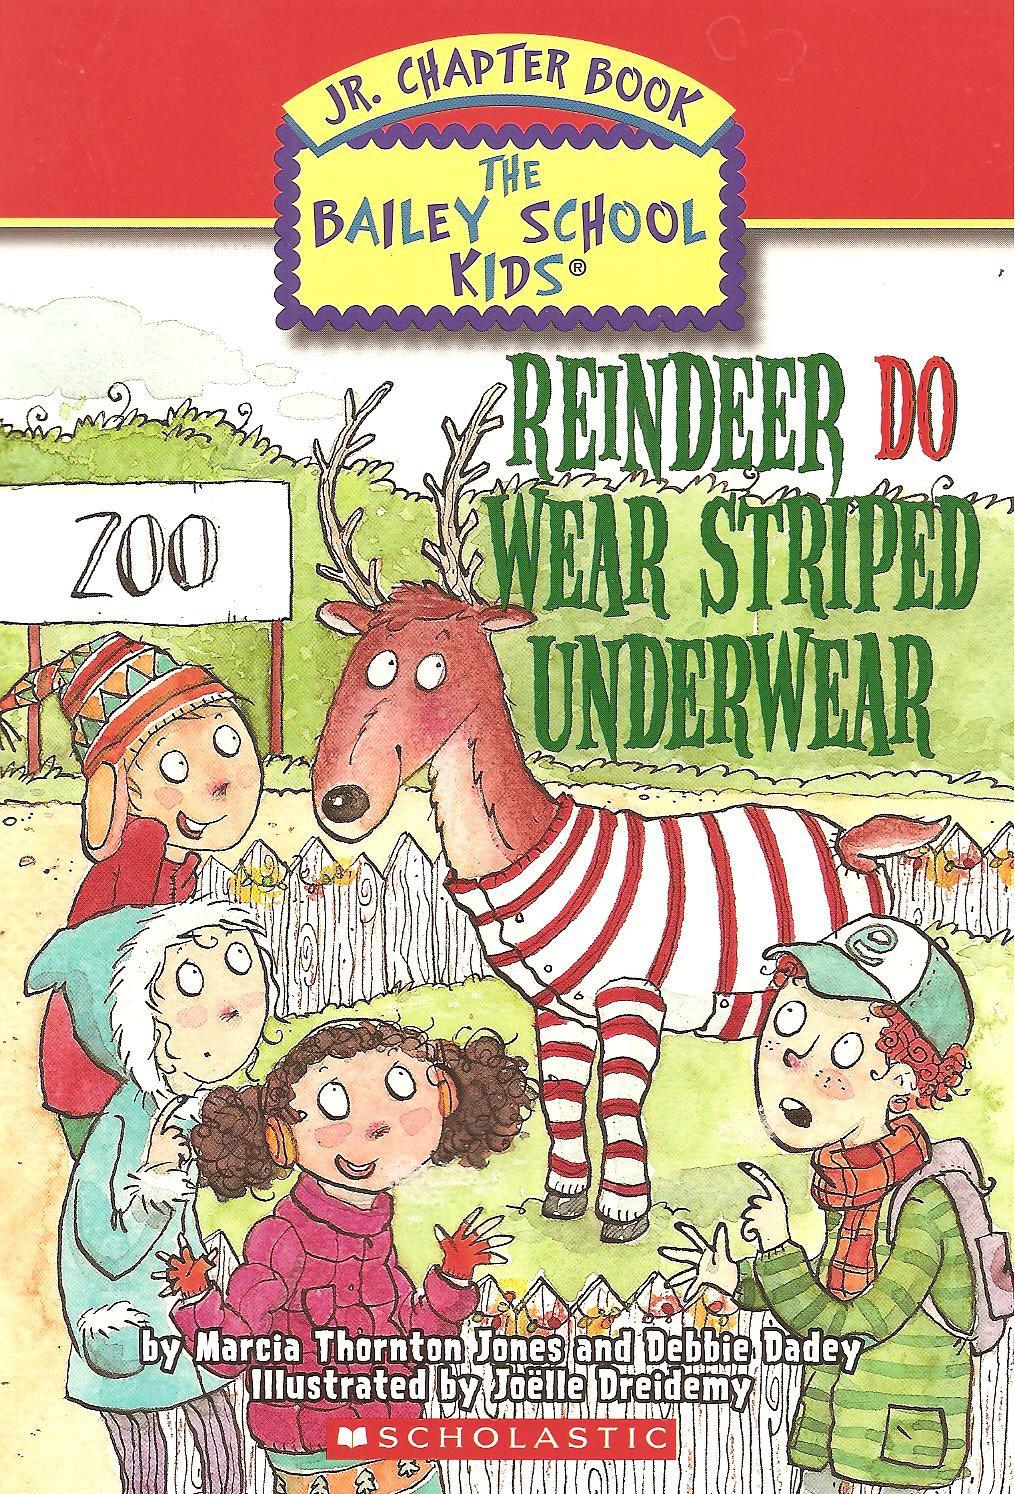 Reindeer Do Wear Striped Underwear - The Bailey School Kids - Jr. Chapter Book